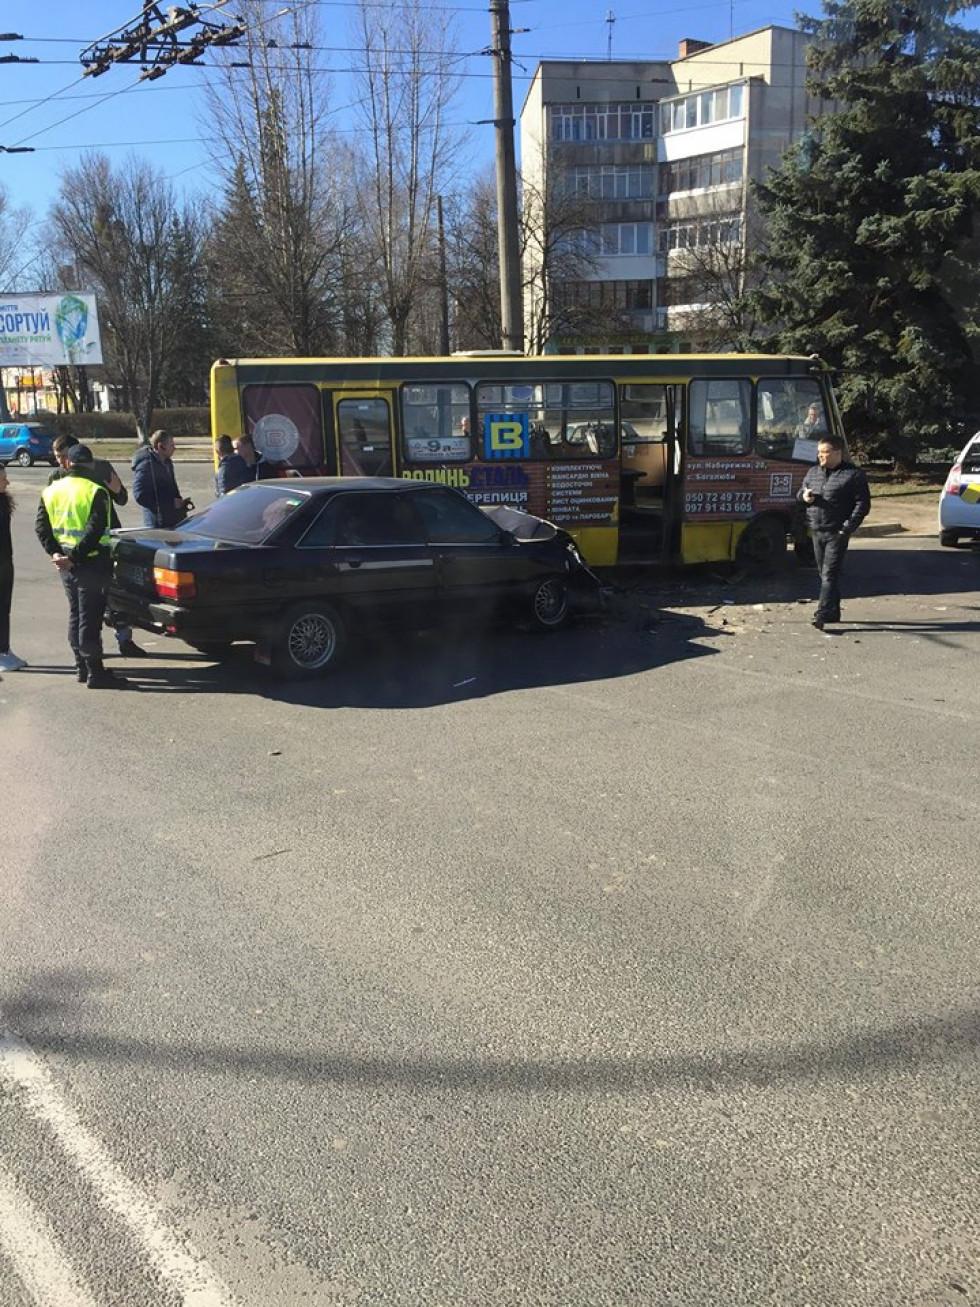 Маршрутне таксі №9а та легковик марки Audi зазнали значних механічних пошкоджень